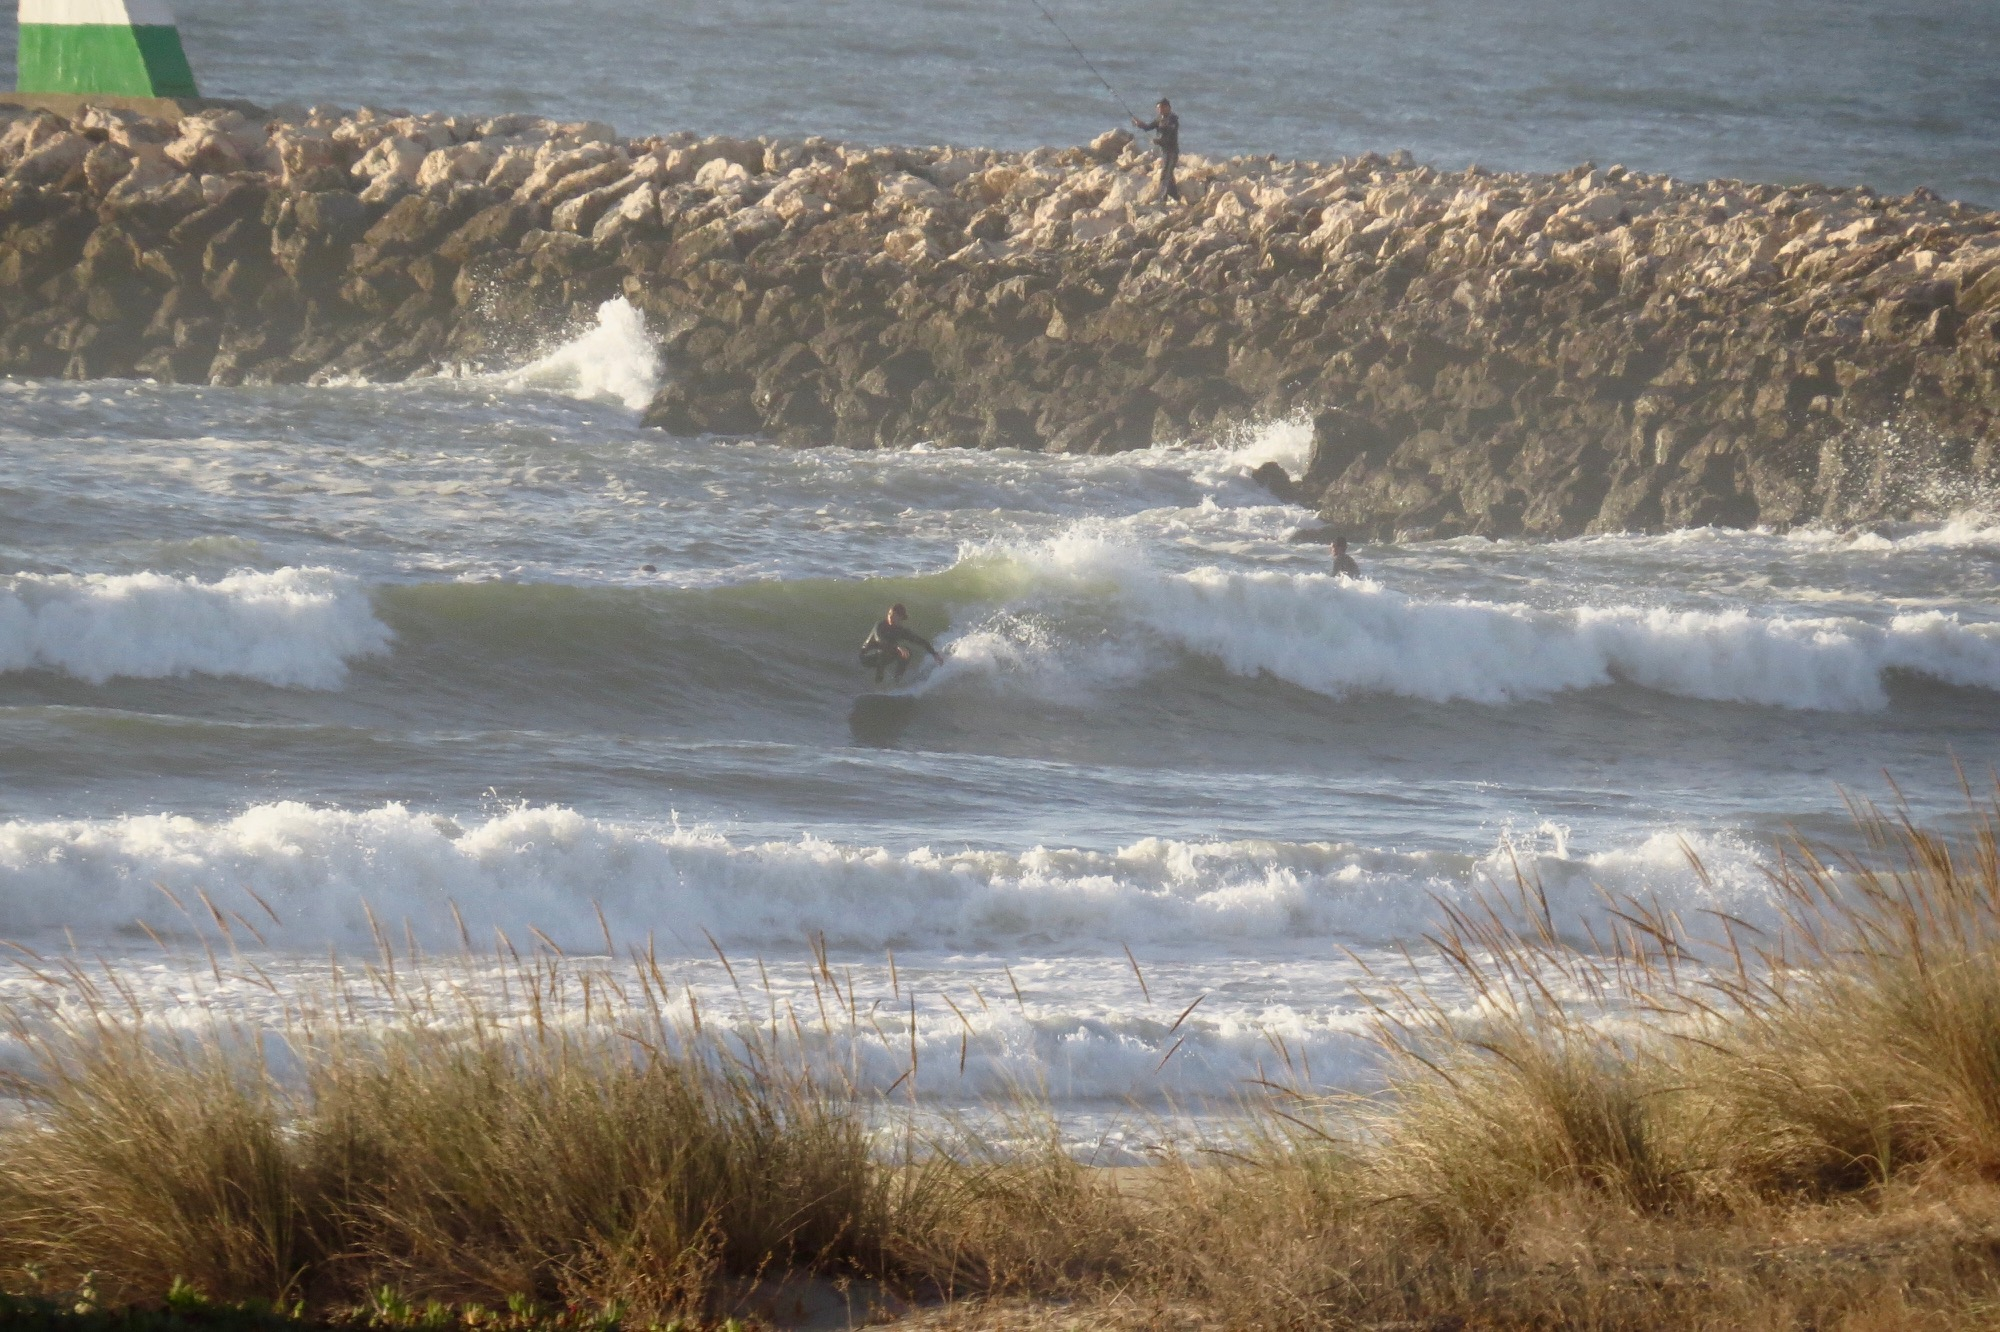 meia praia surfer